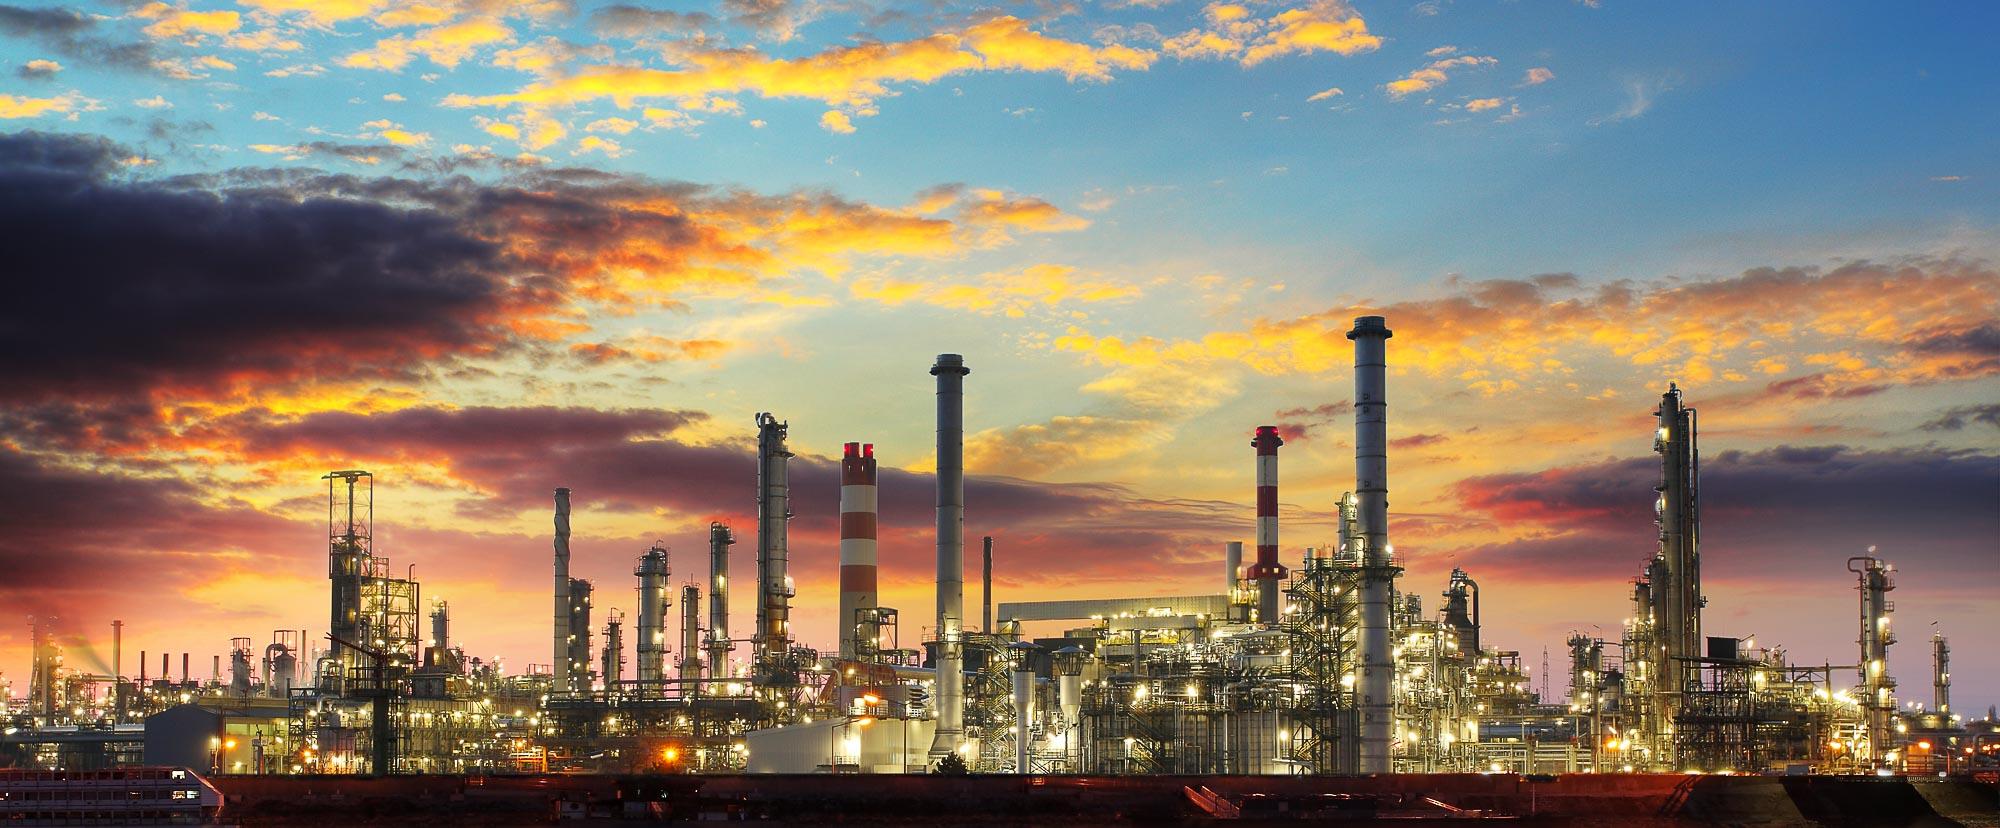 Glenlock Energy October Oil Market Forecast